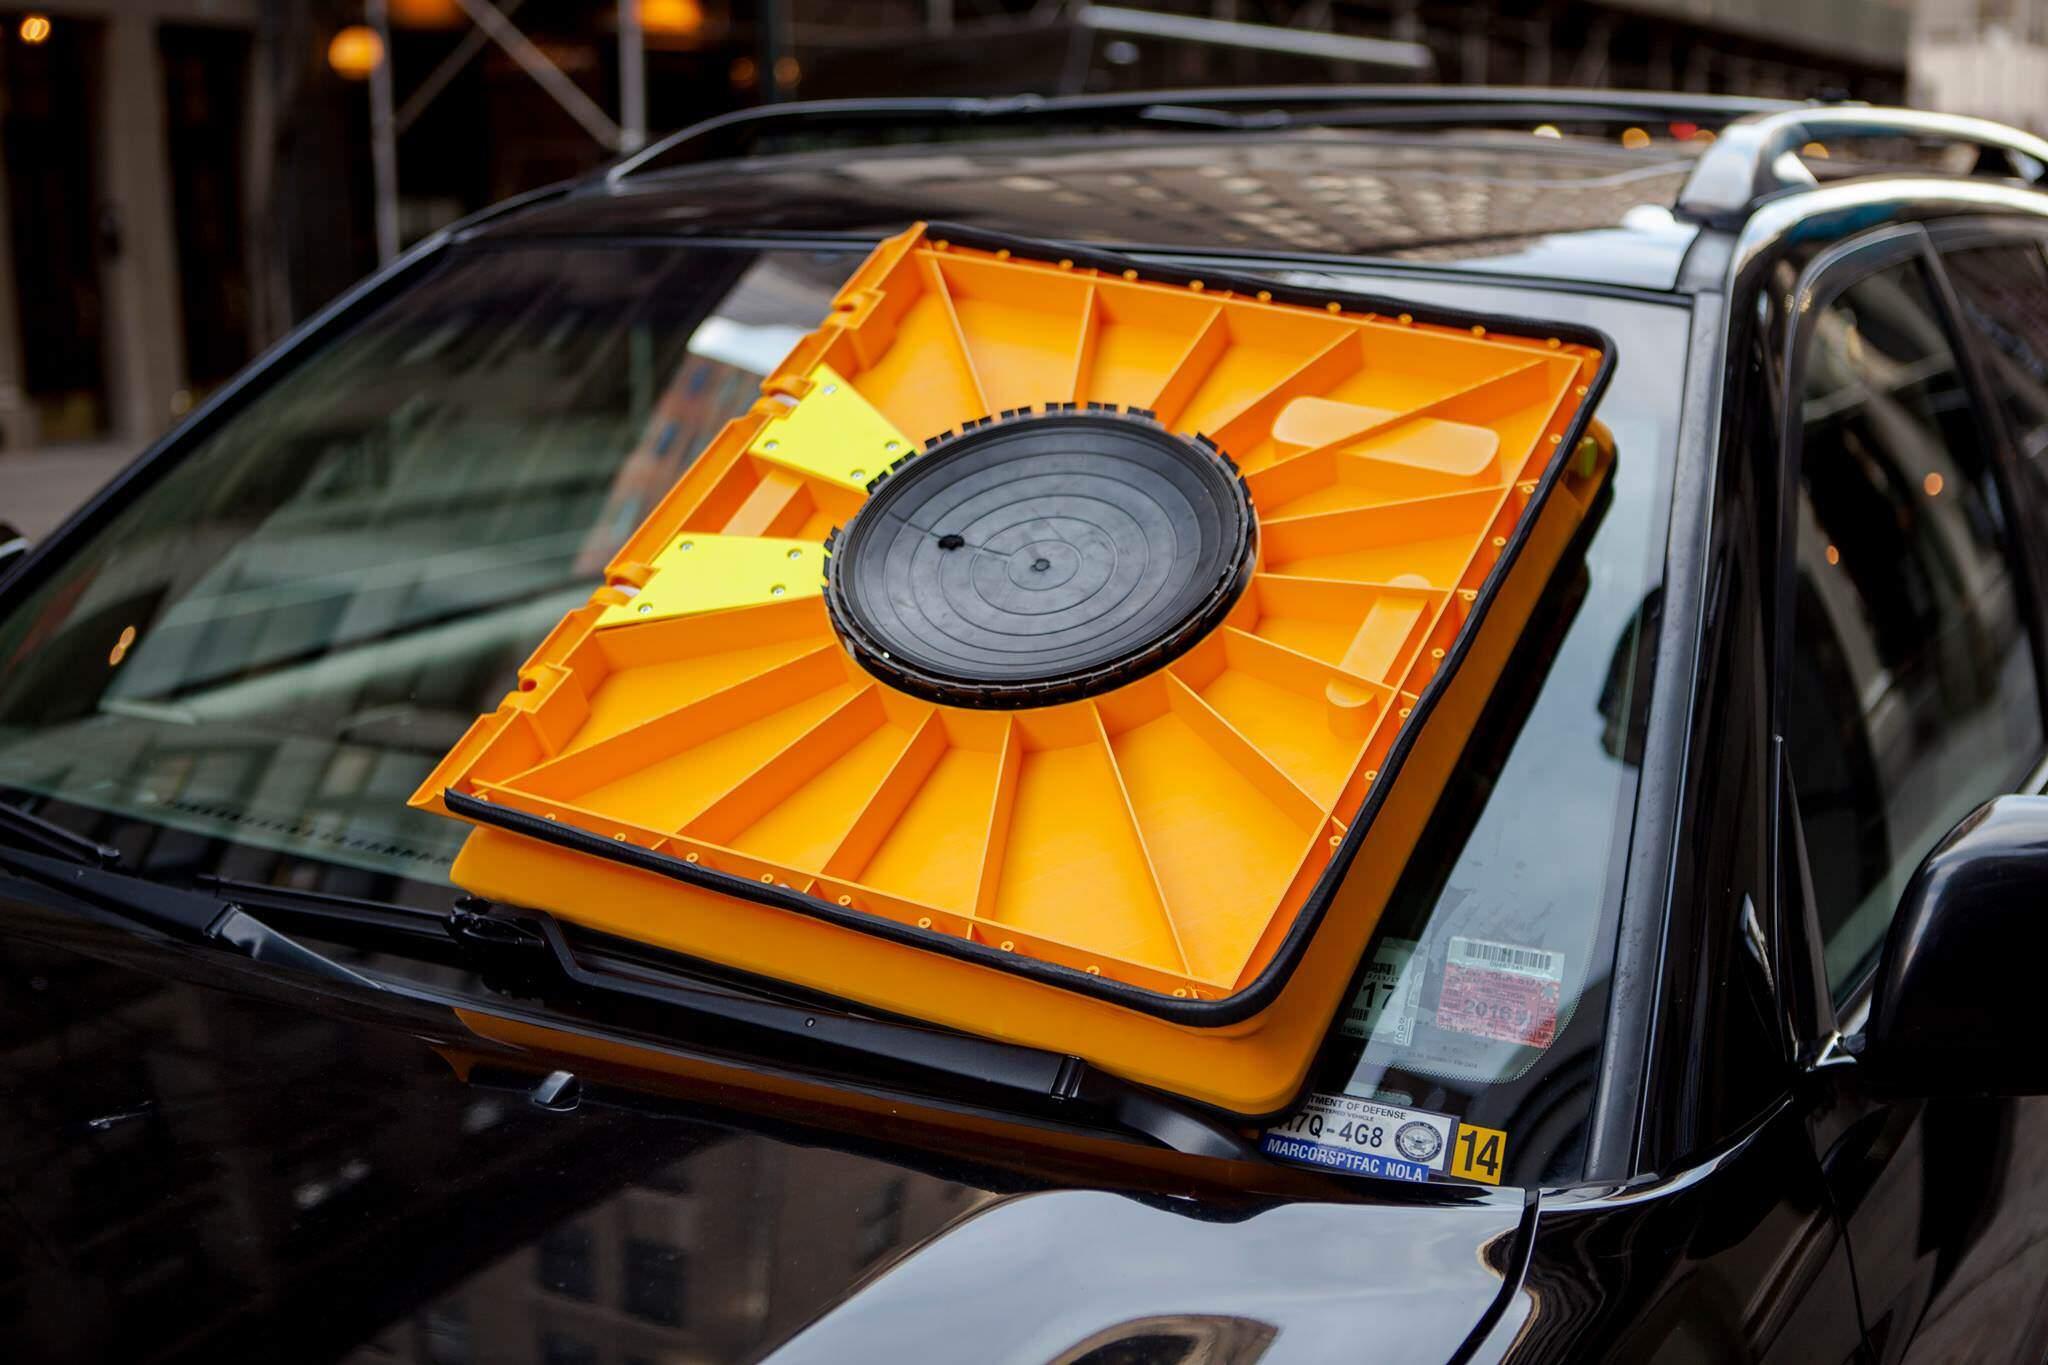 タイヤをロックするのではなく、フロントガラスを防ぐ駐禁取り締まりアイディア